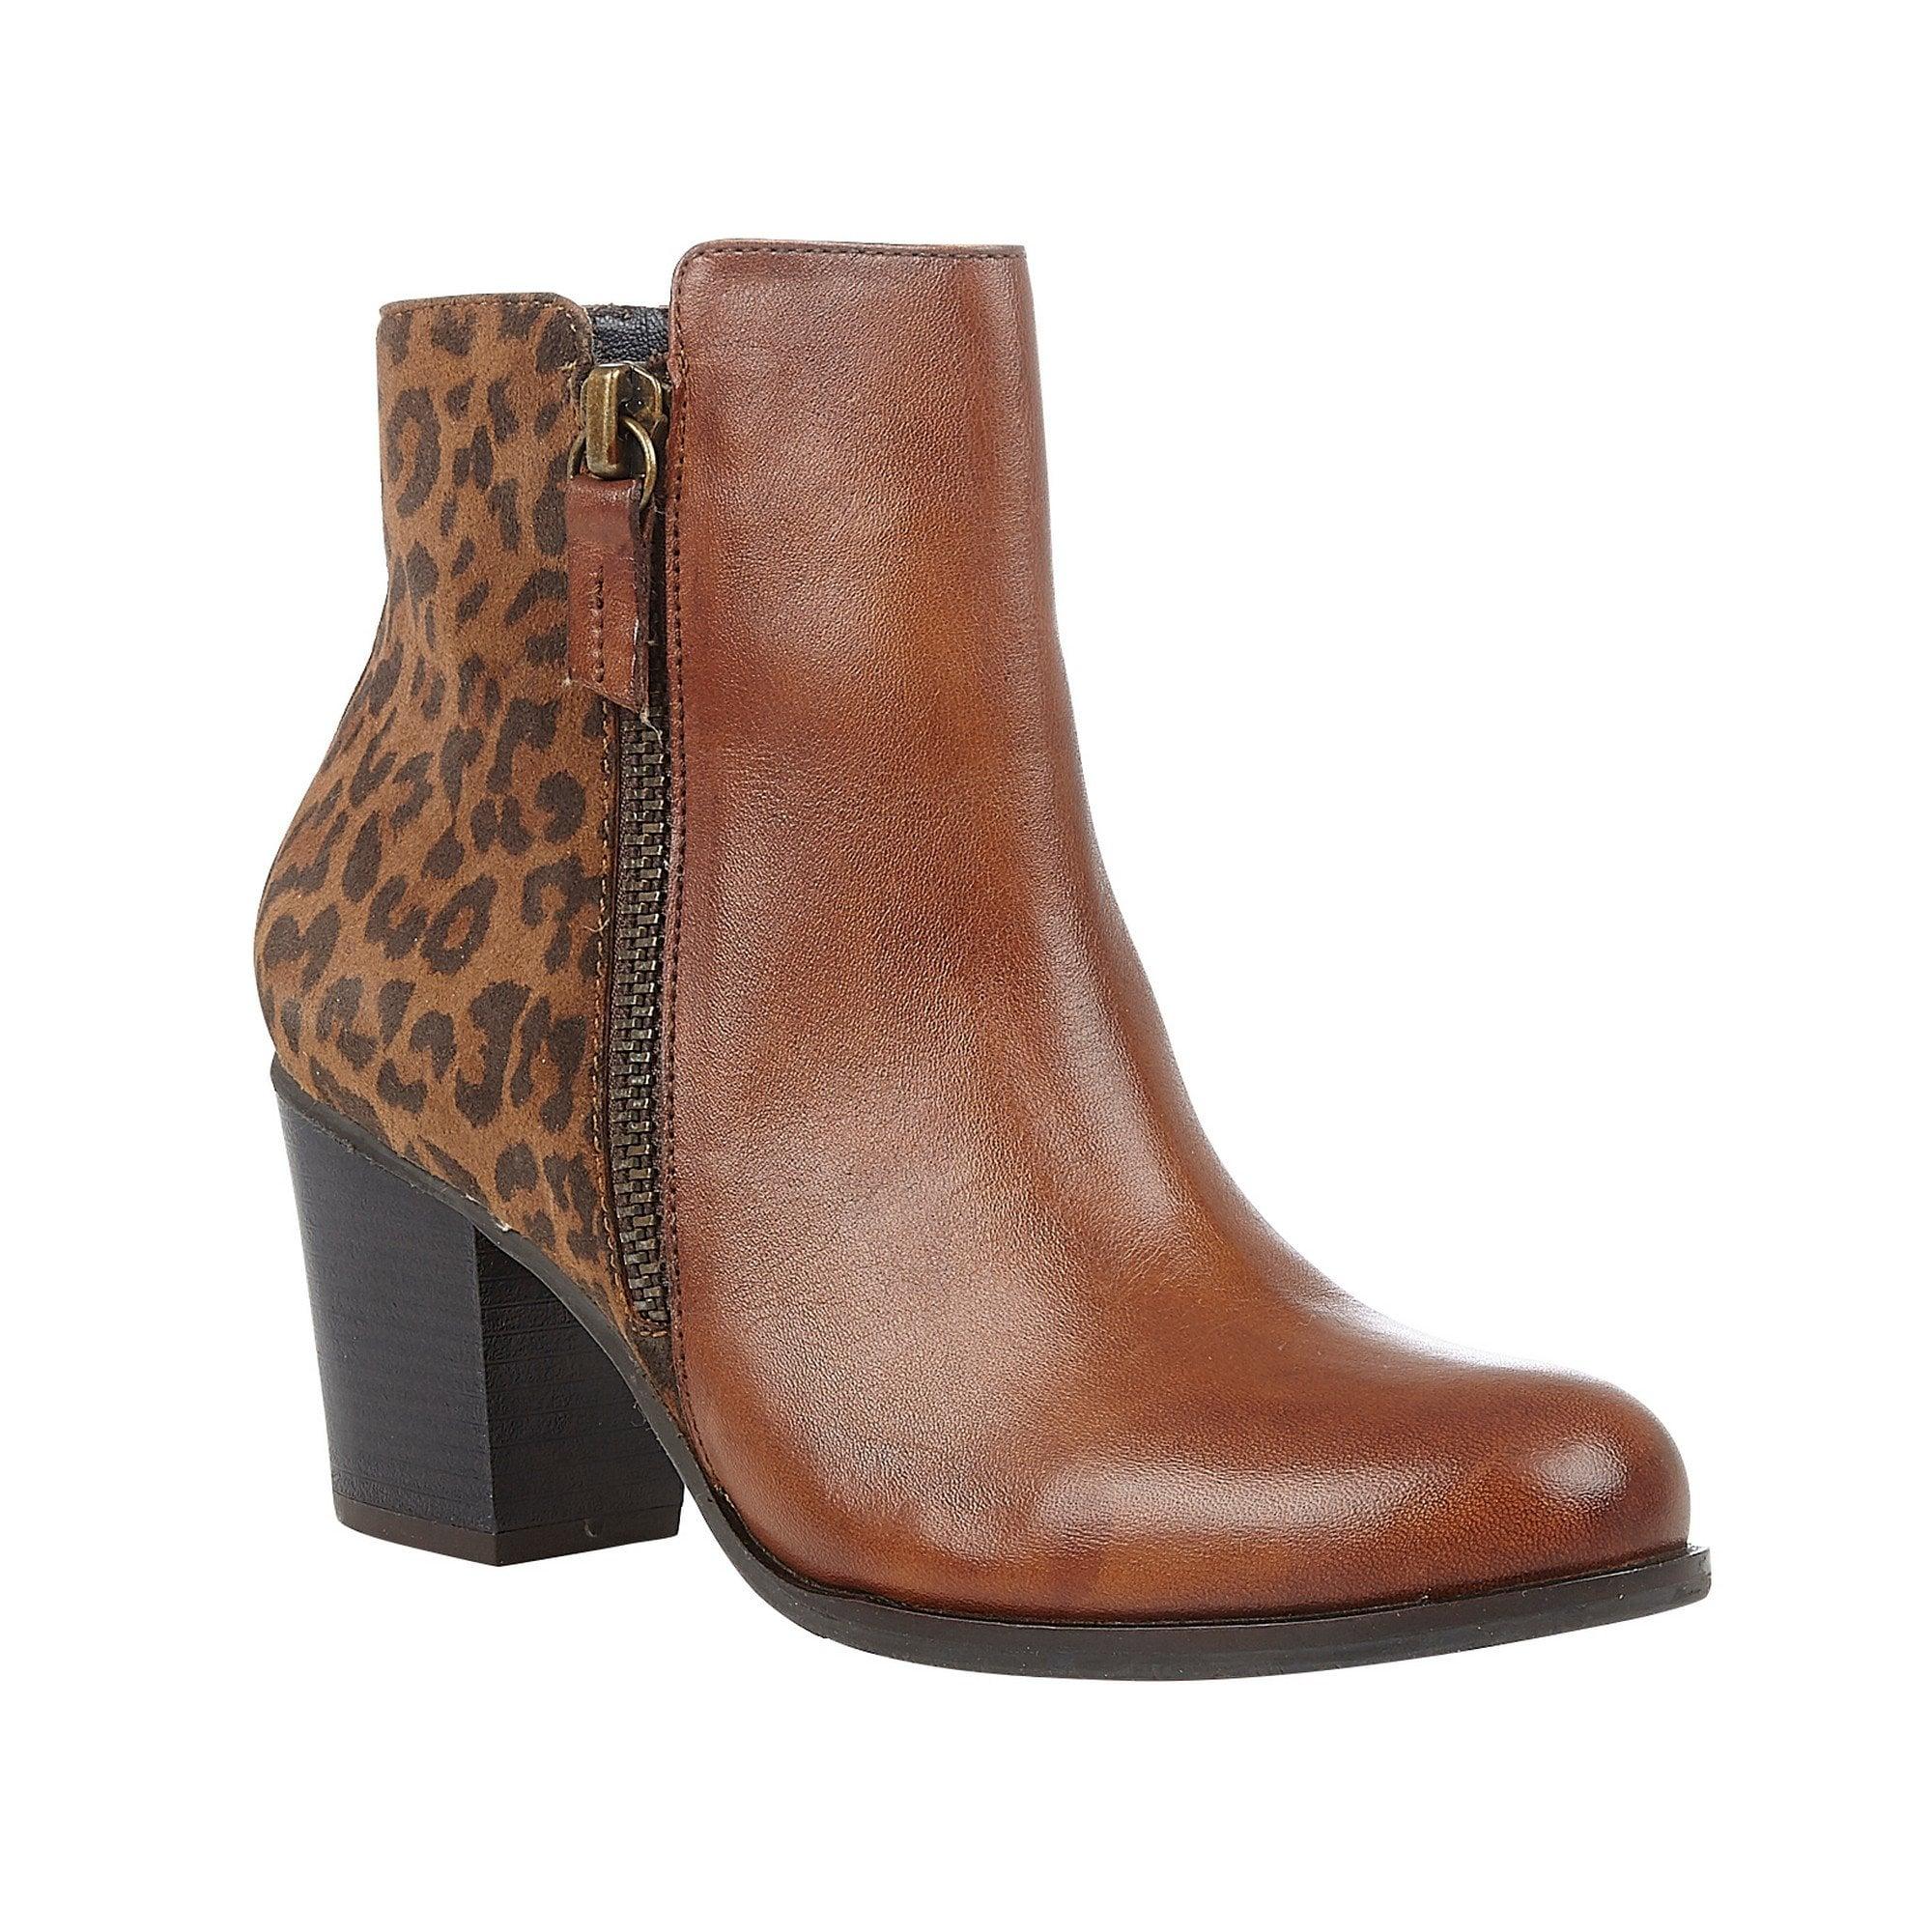 Buy the Lotus ladies' Tulisa ankle boot